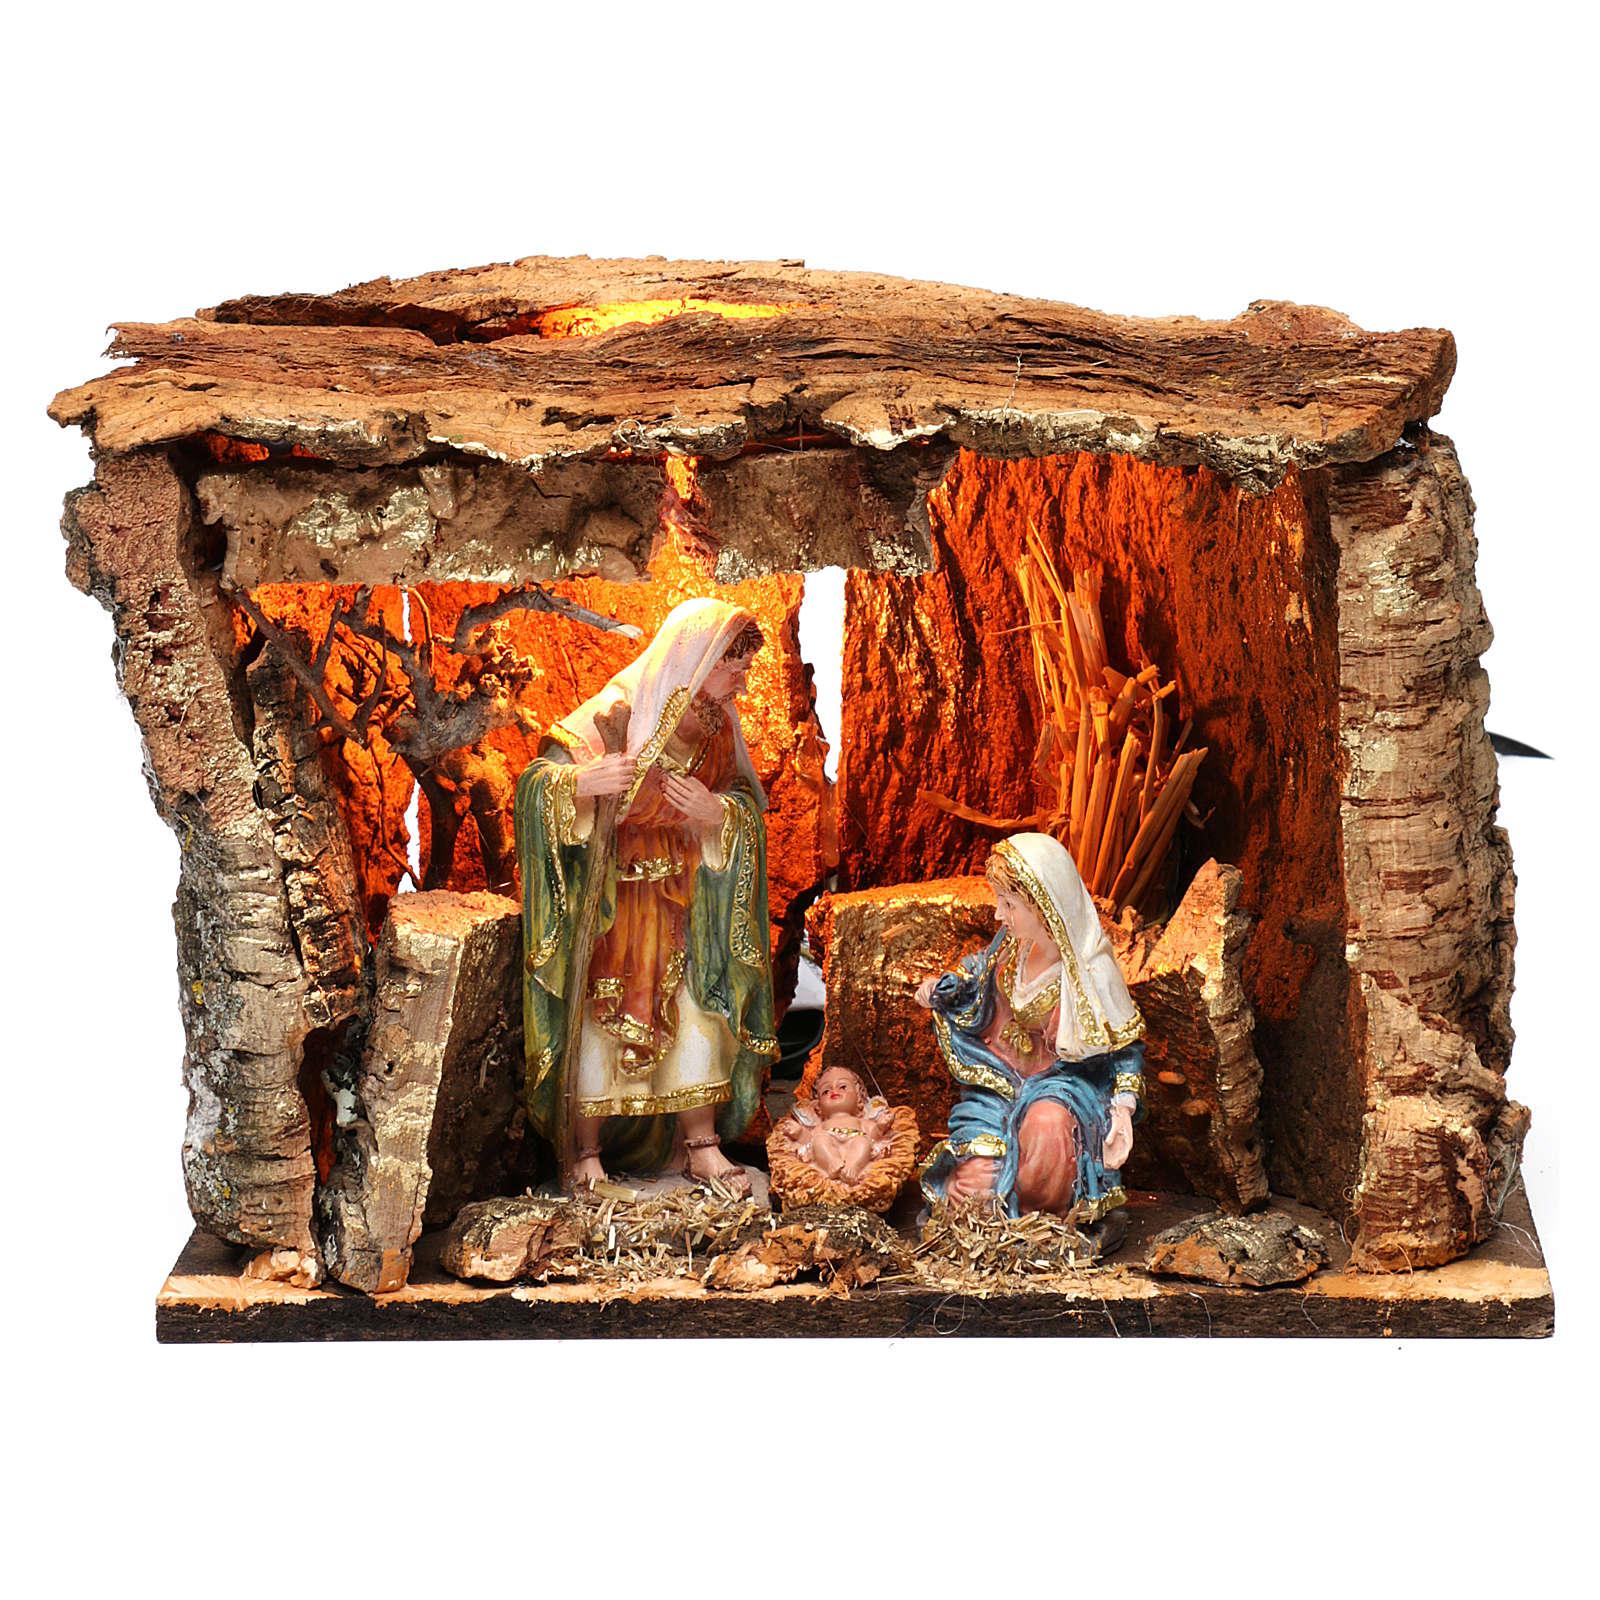 Cabane pour crèche 15 cm avec nativité et éclairage 20x30x20 cm différents modèles 4